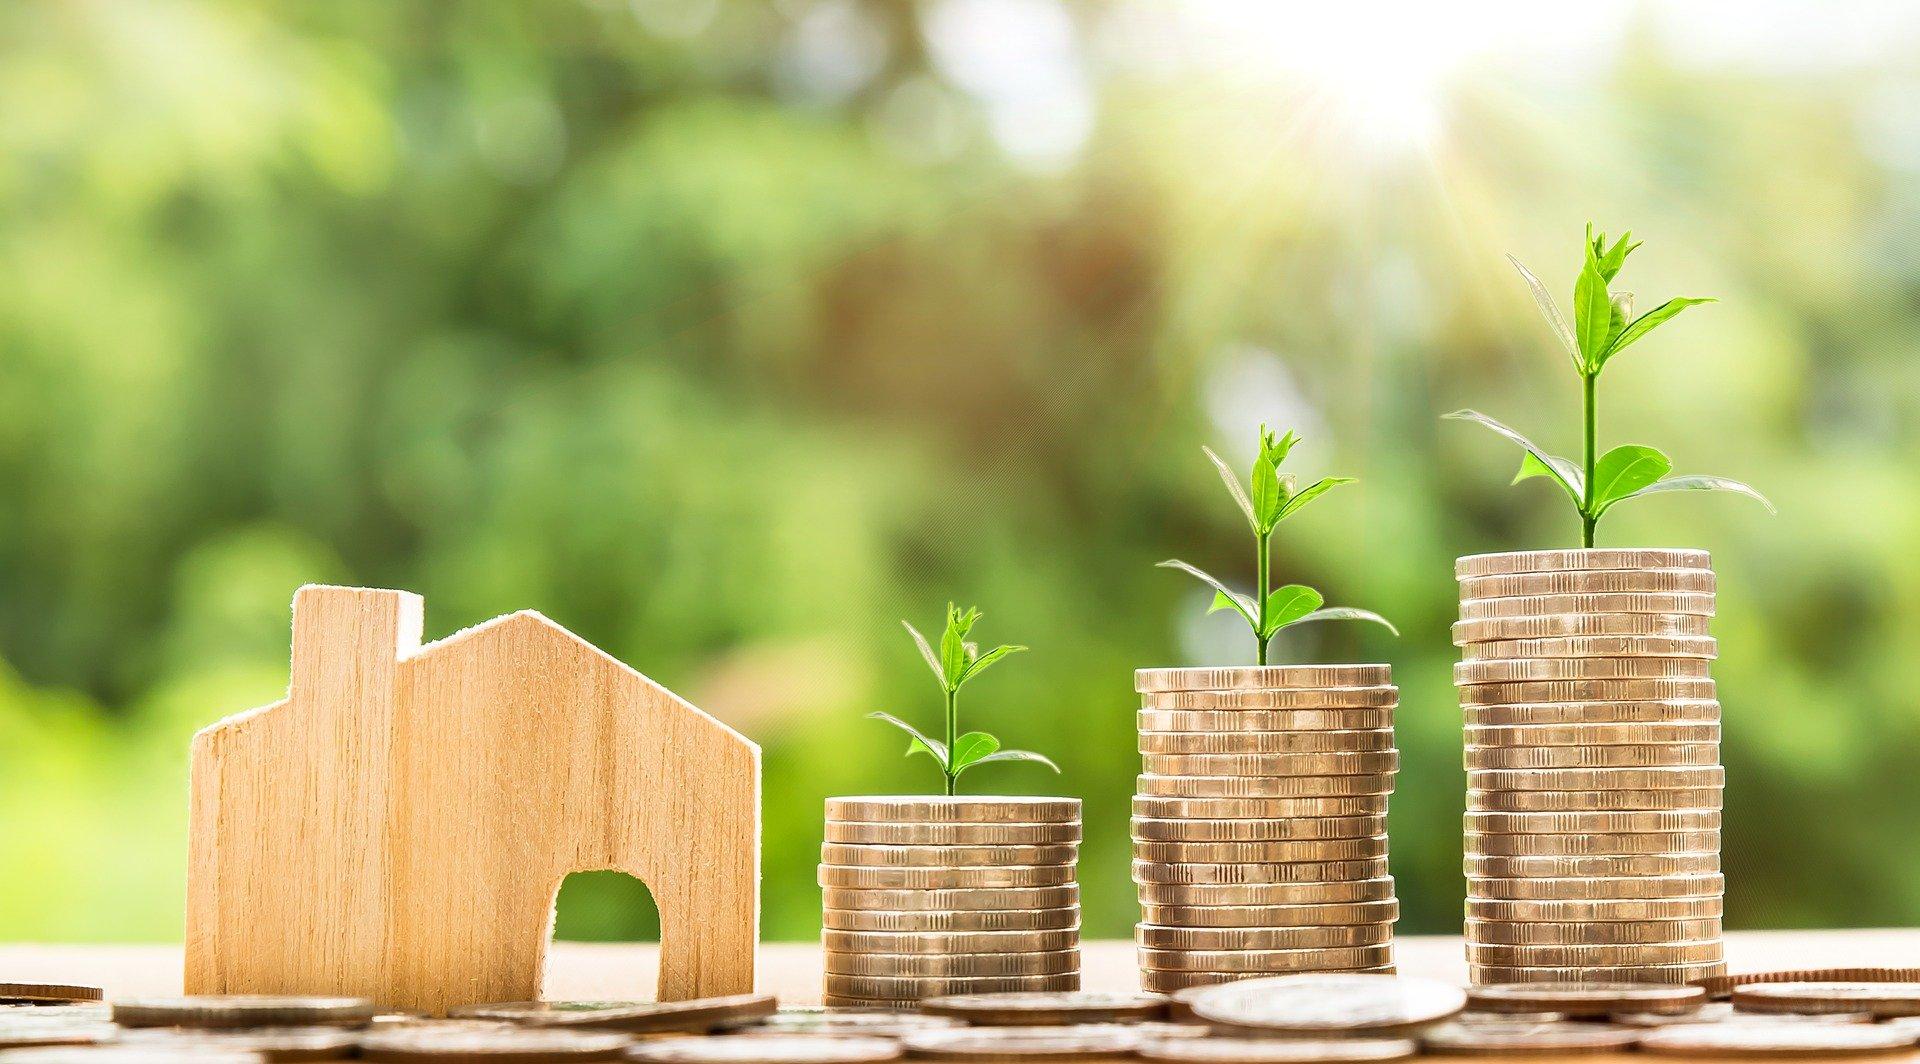 projeções pra mercado imobiliário em 2021